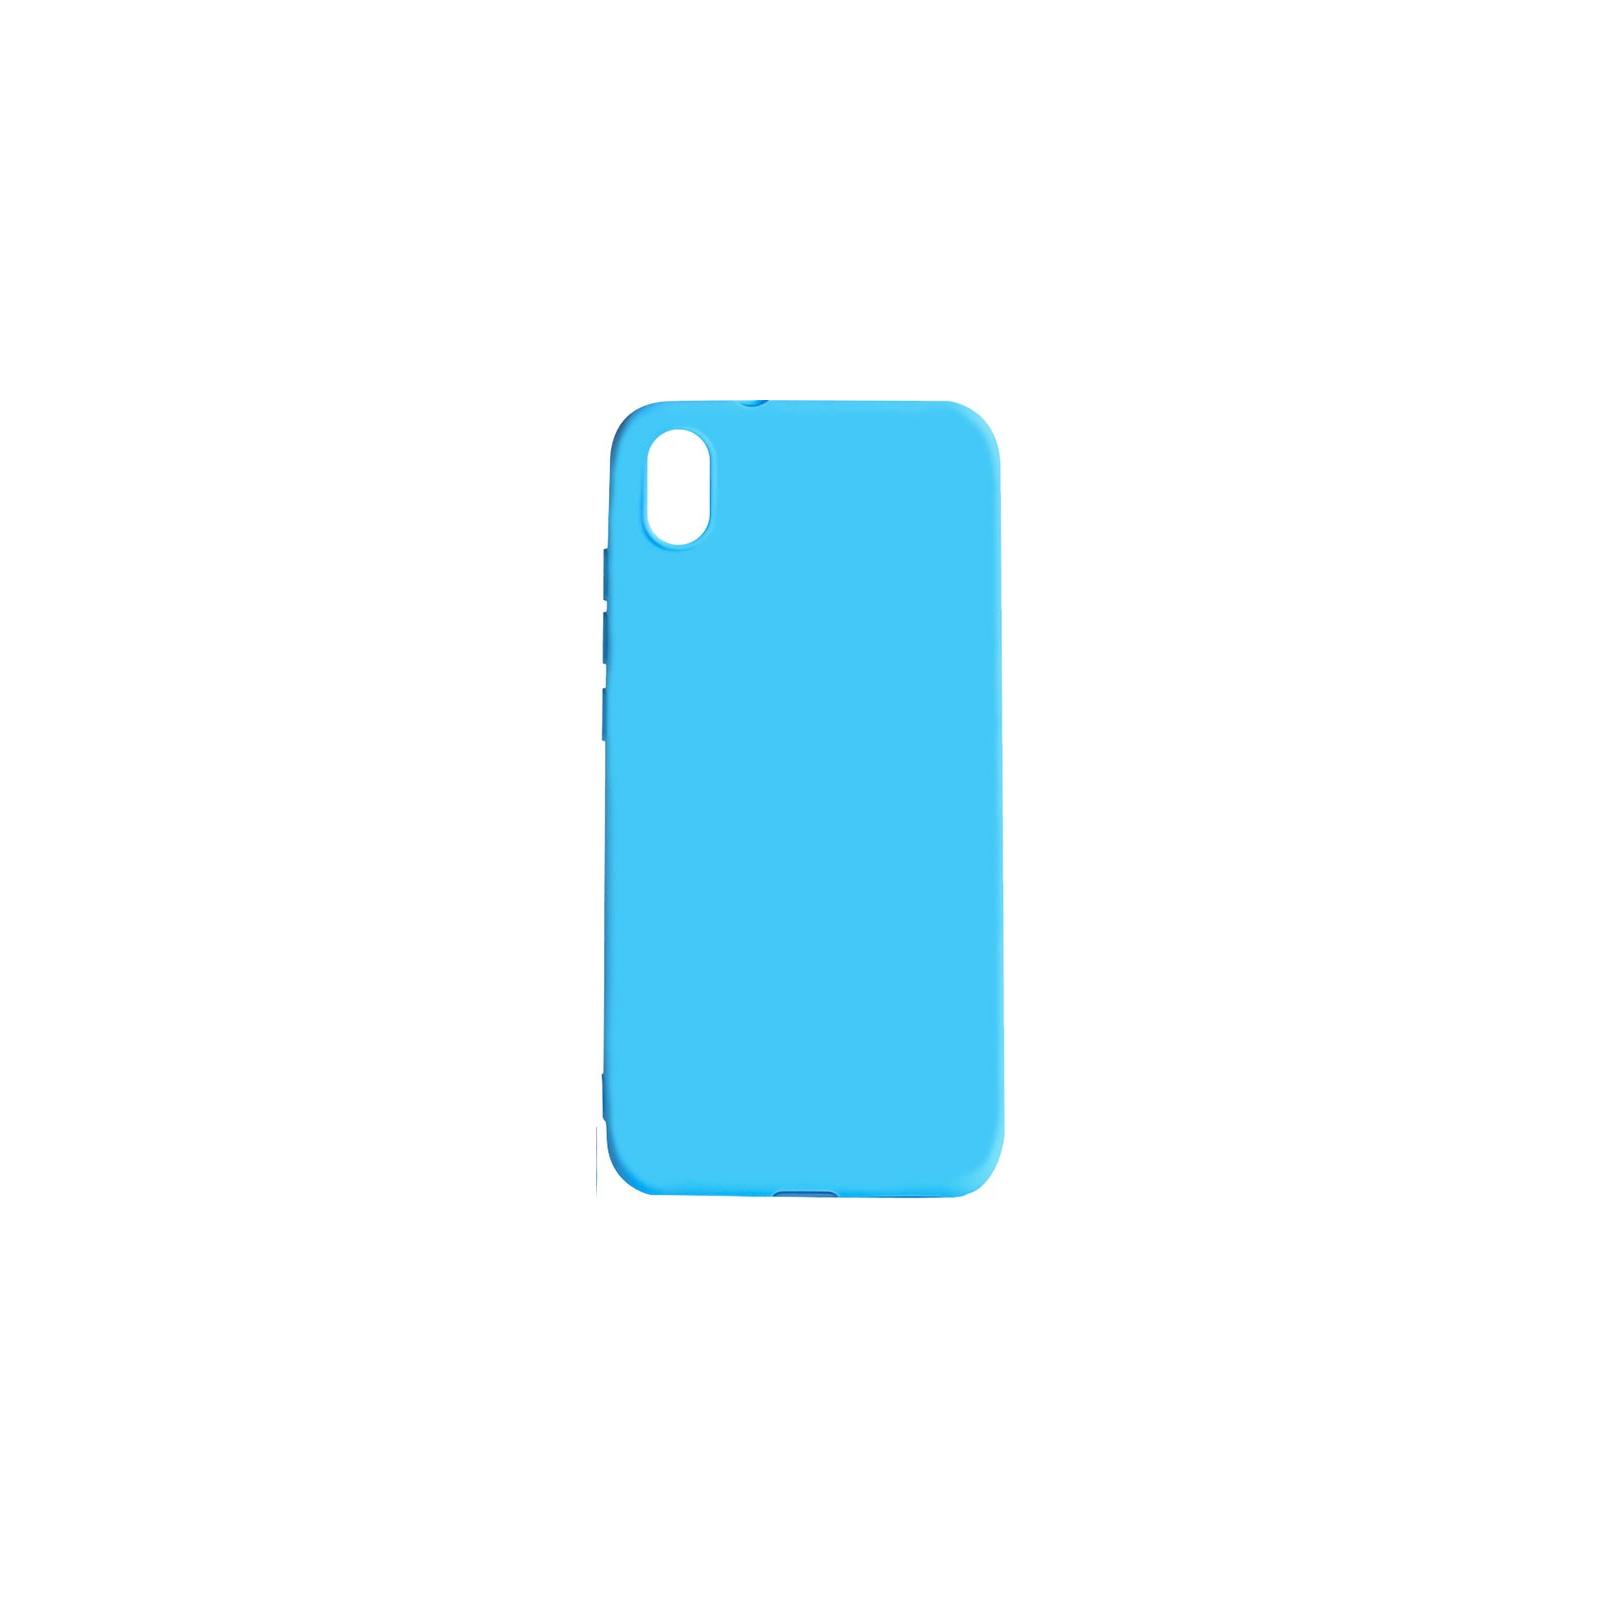 Чехол для моб. телефона Toto 1mm Matt TPU Case Xiaomi Redmi 7A Ocean Blue (F_98486)